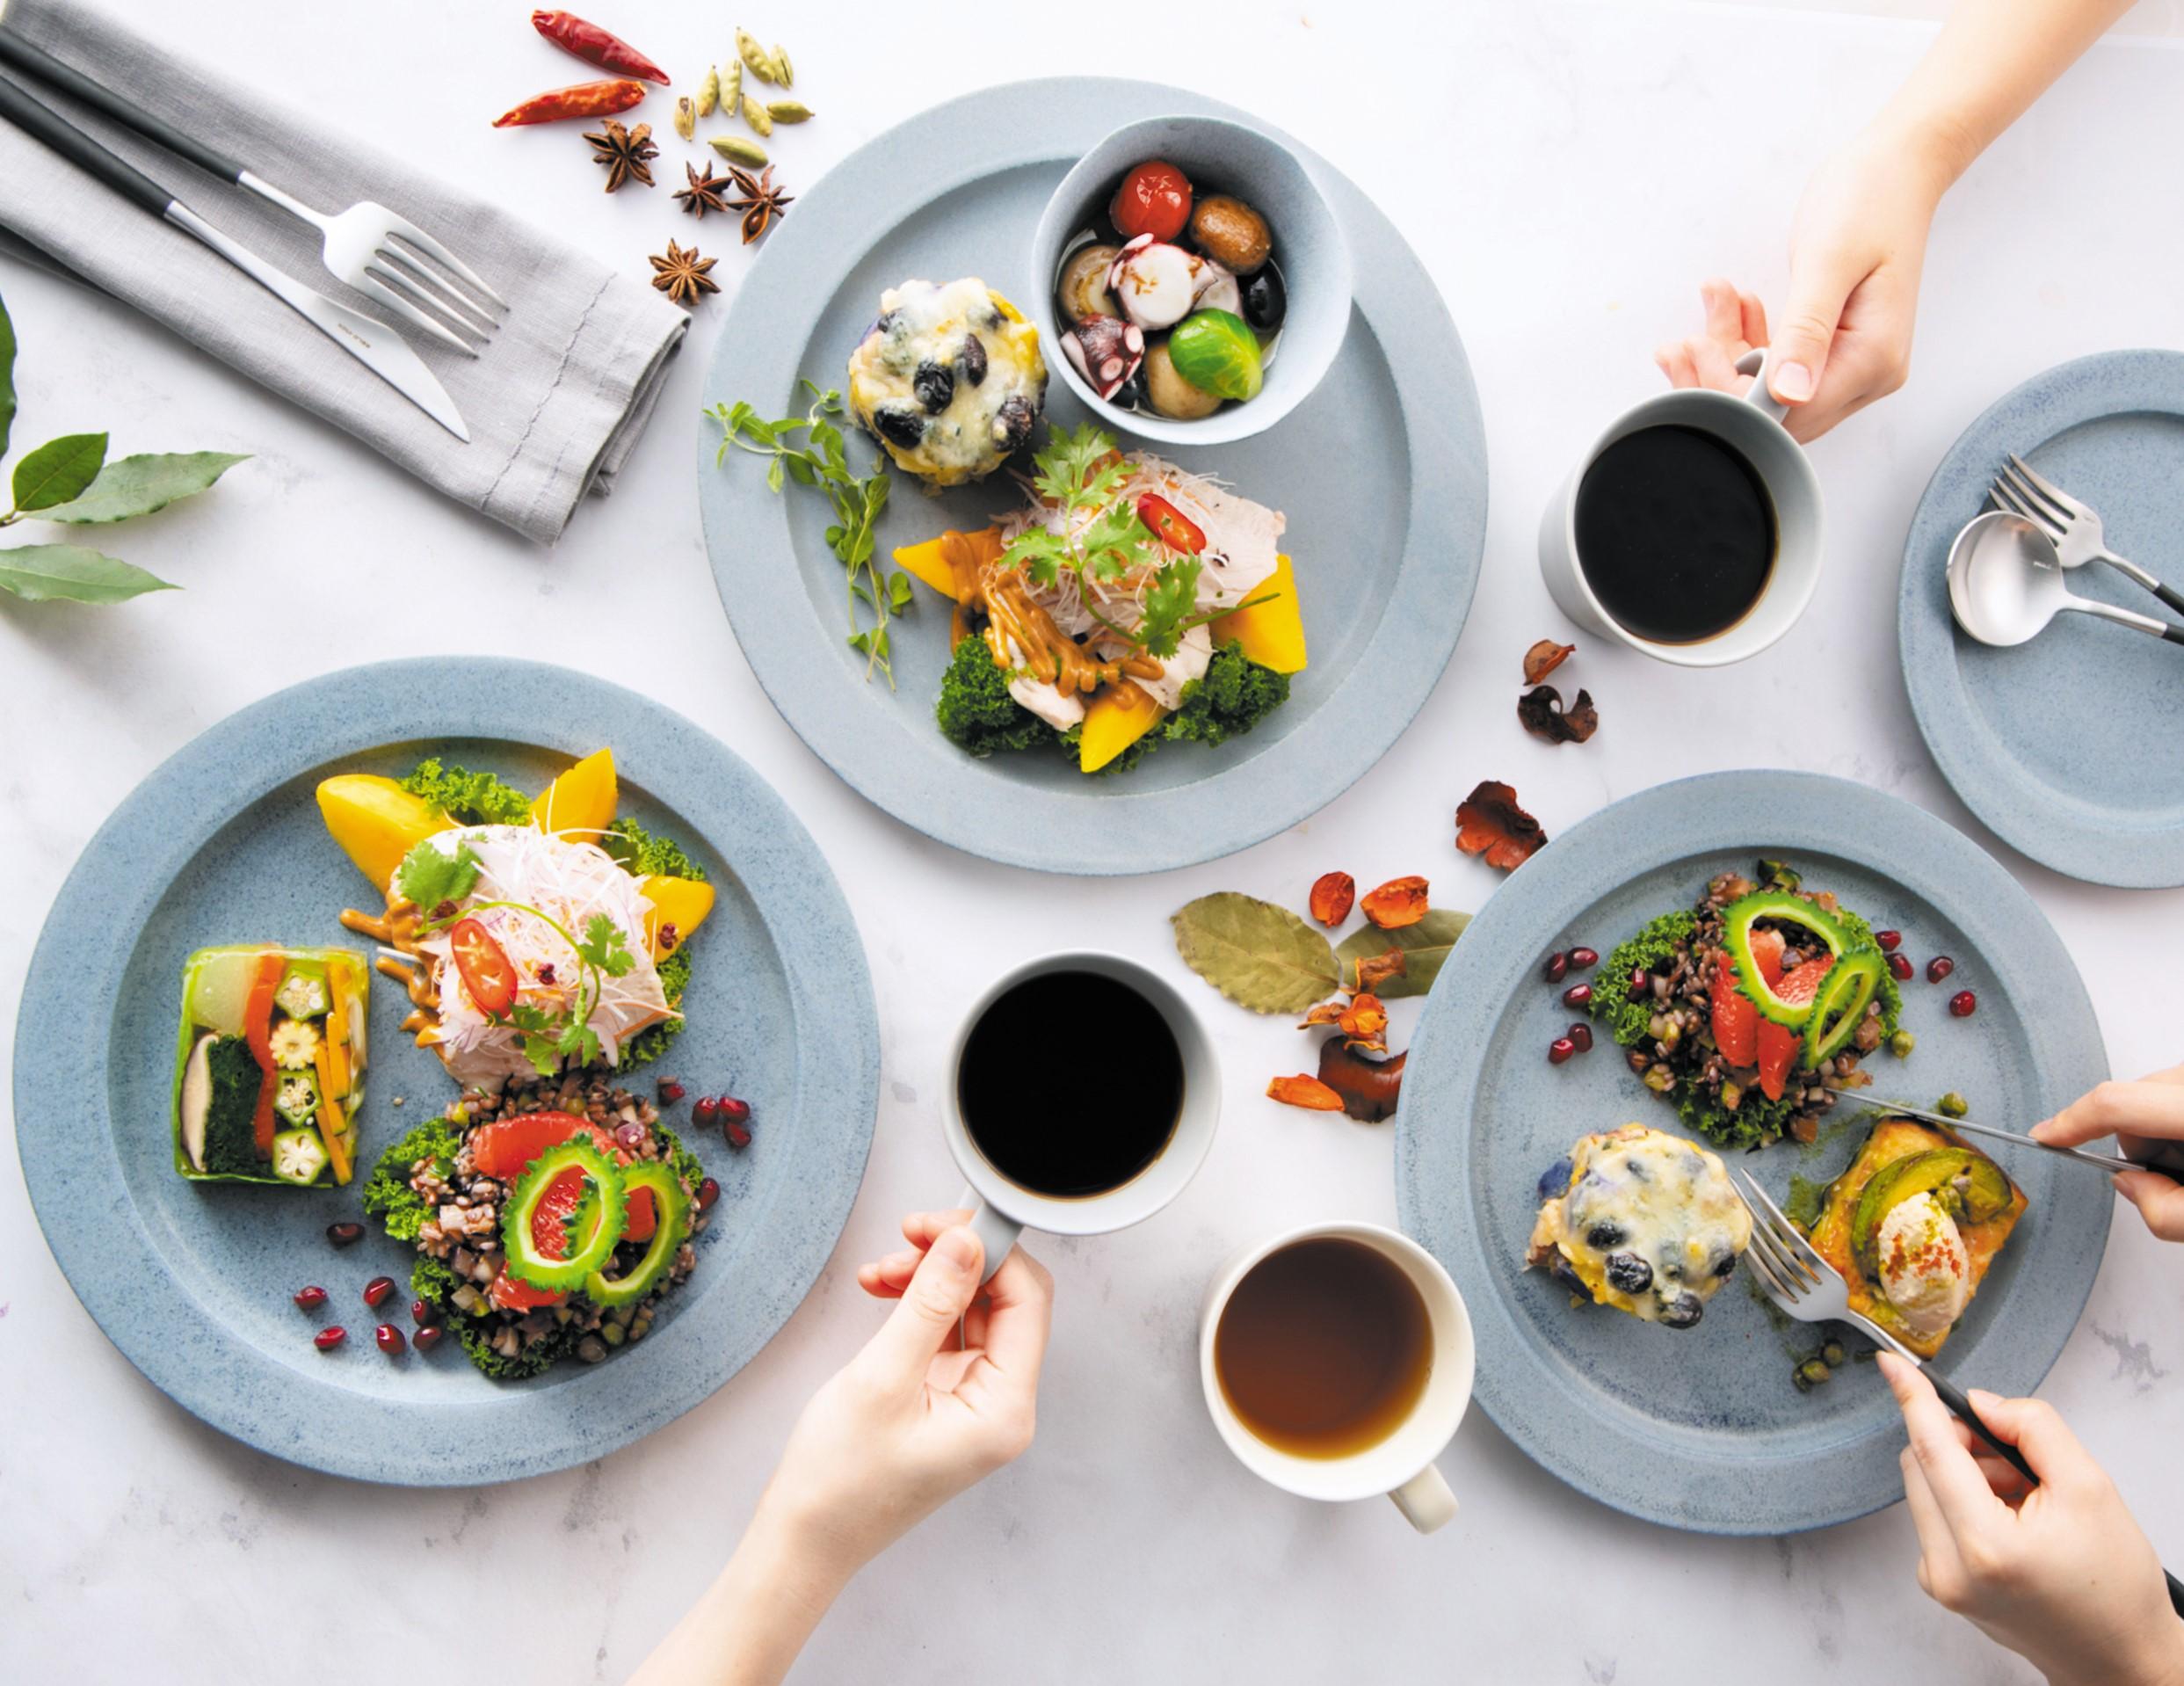 オーガニック食材のデリがずらり。表参道にサステナブルなデリ&カフェが誕生